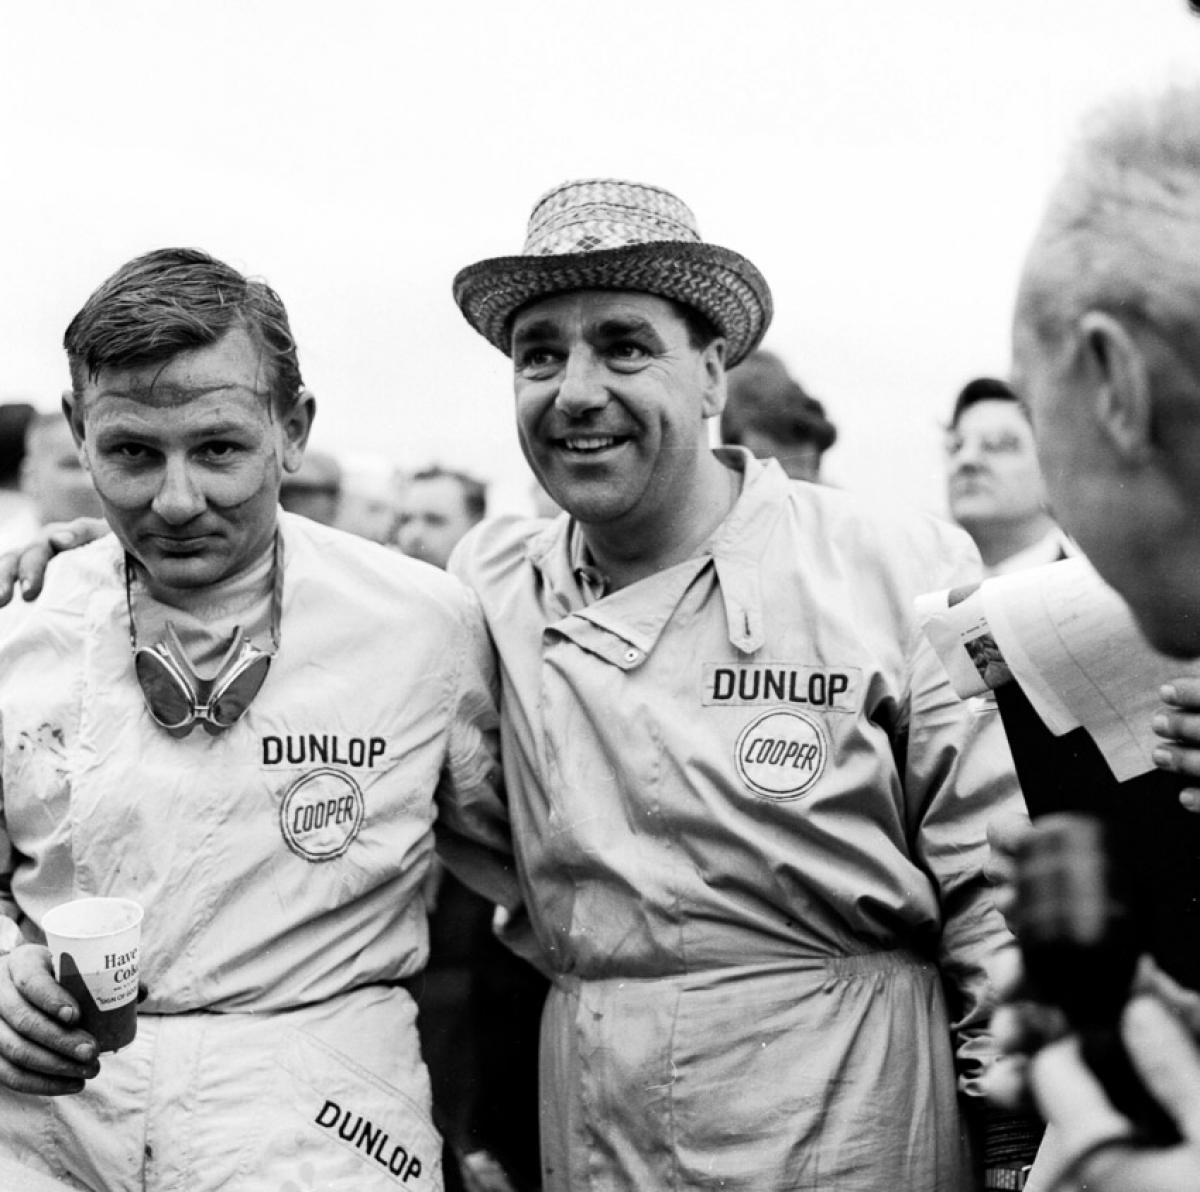 Bruce McLaren cùng với John Cooper trong thời khắc chiến thắng ông dành cho đội đua Cooper – đánh dấu nhà vô địch trẻ tuổi nhất thời điểm bấy giờ tại U.S Grand Prix 1959